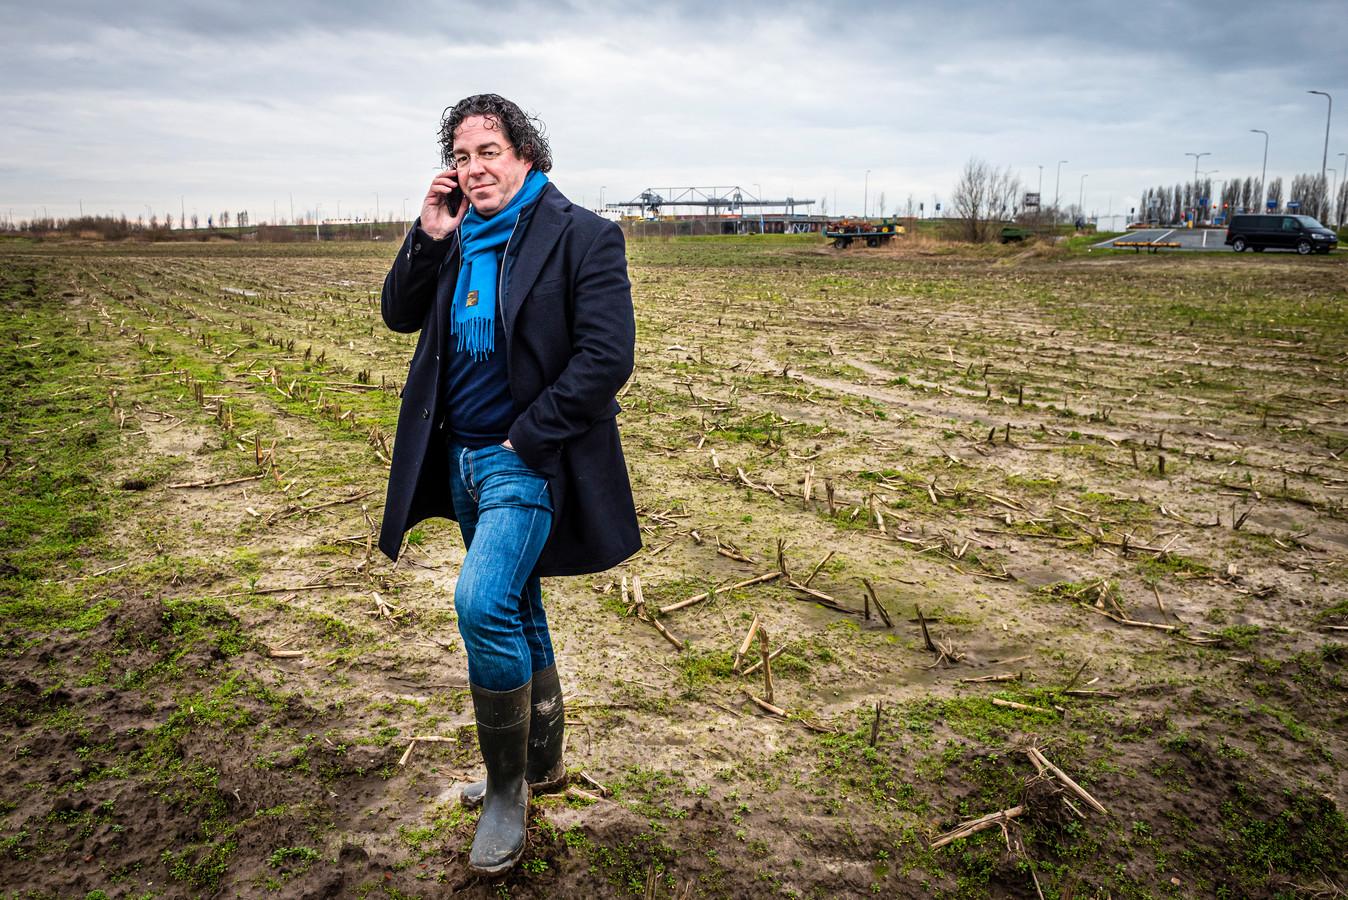 Projectontwikkelaar Dries Wilschut ziet op dit bedrijfsterrein naast de containerterminal graag een distributiecentrum verrijzen. Buurtbewoners blijken daar anders over te denken.